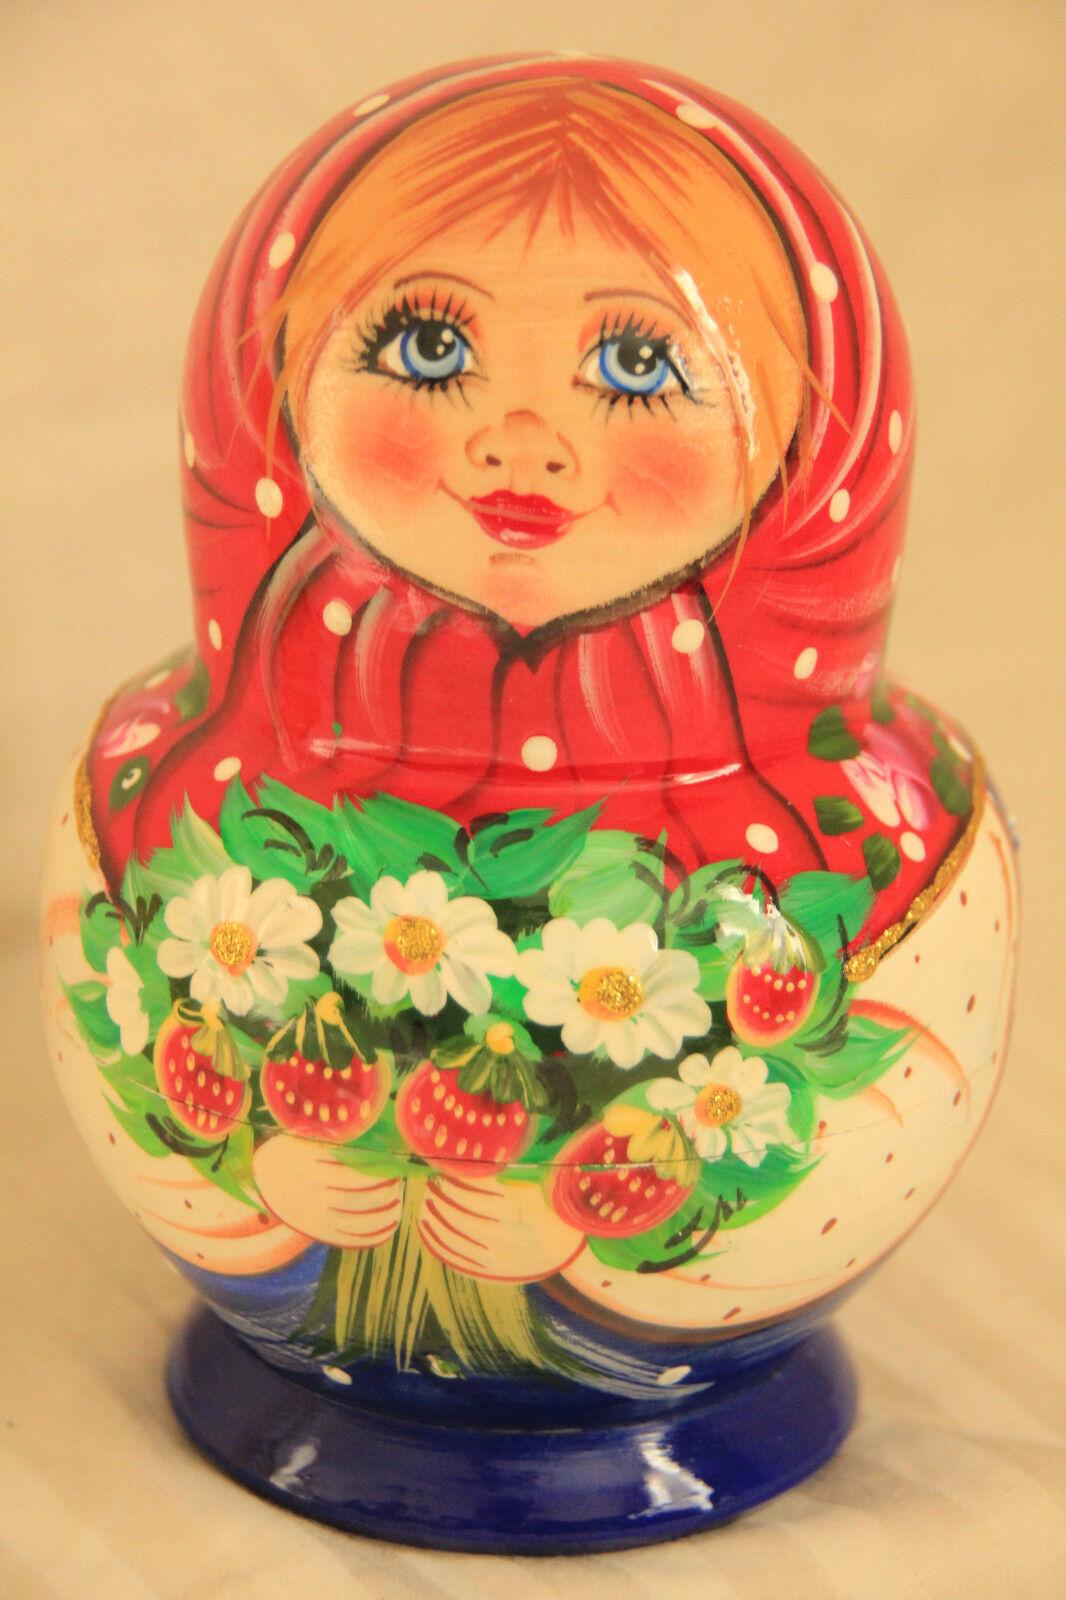 10pc Muñeca Rusa de Anidación Matryoshka Matrioskas pintura de mano mujer Matreshka